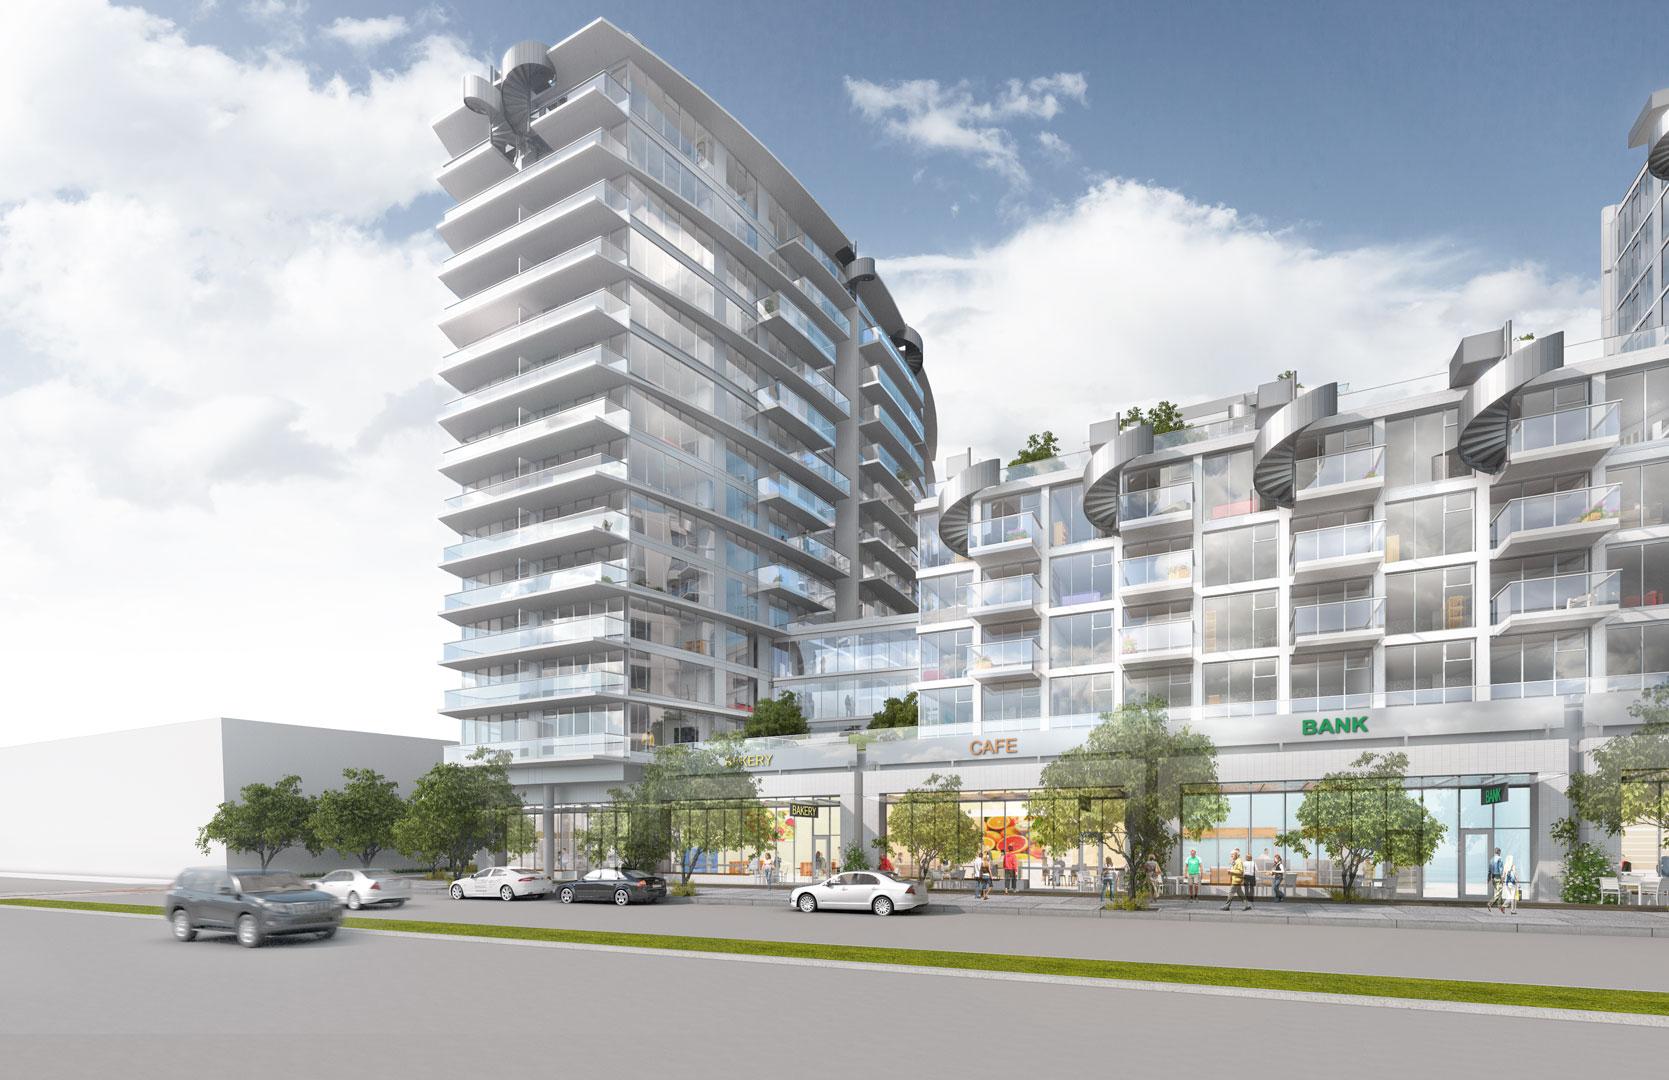 由henriquez建筑事务所引领能源与环境黄金标准精湛设计,整个设计将